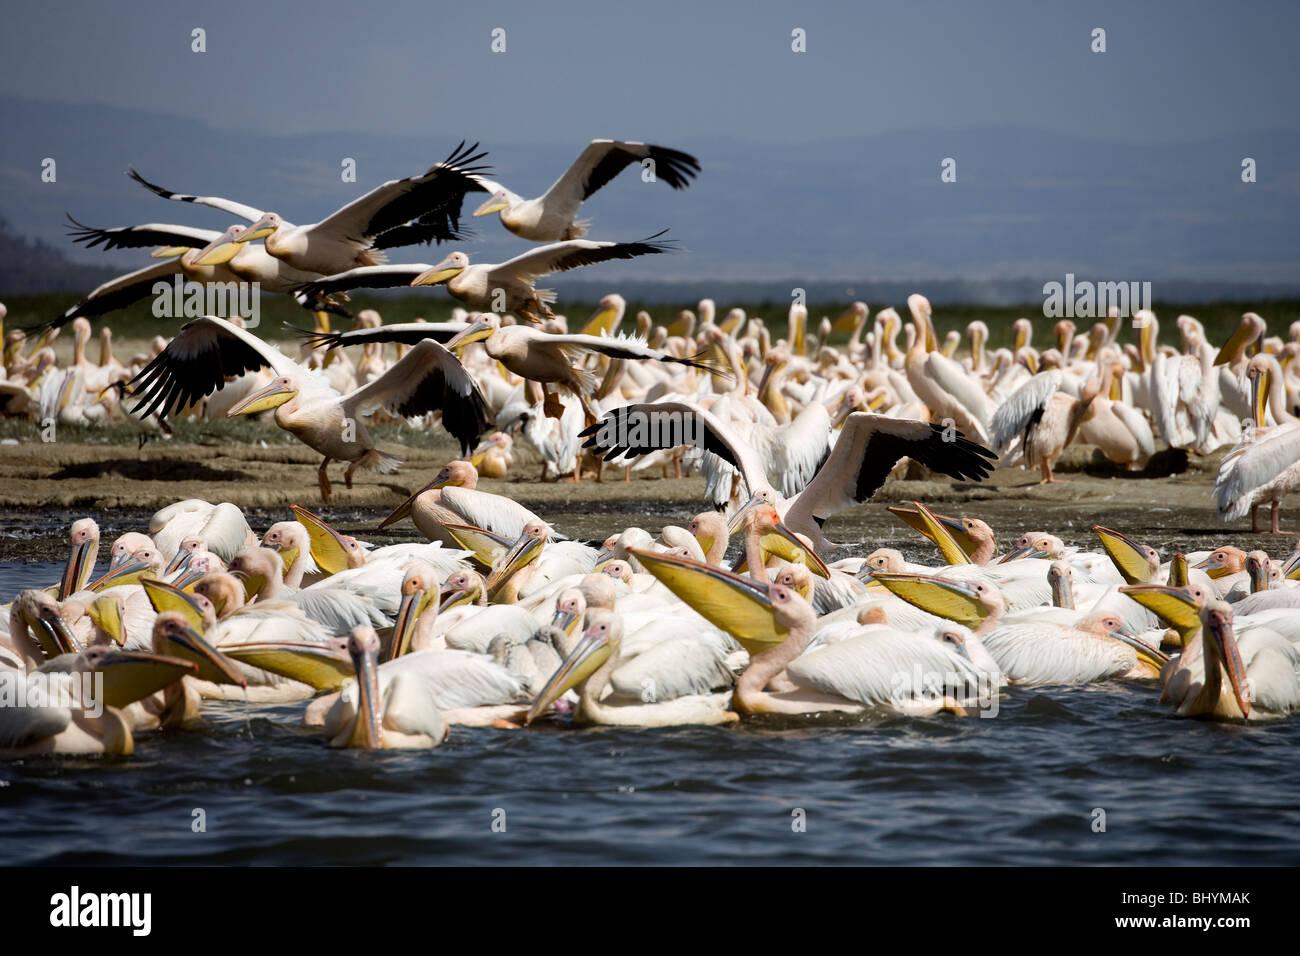 Rosapelikan, NP Lake Nakuru, Kenia, Ostafrika Stockfoto